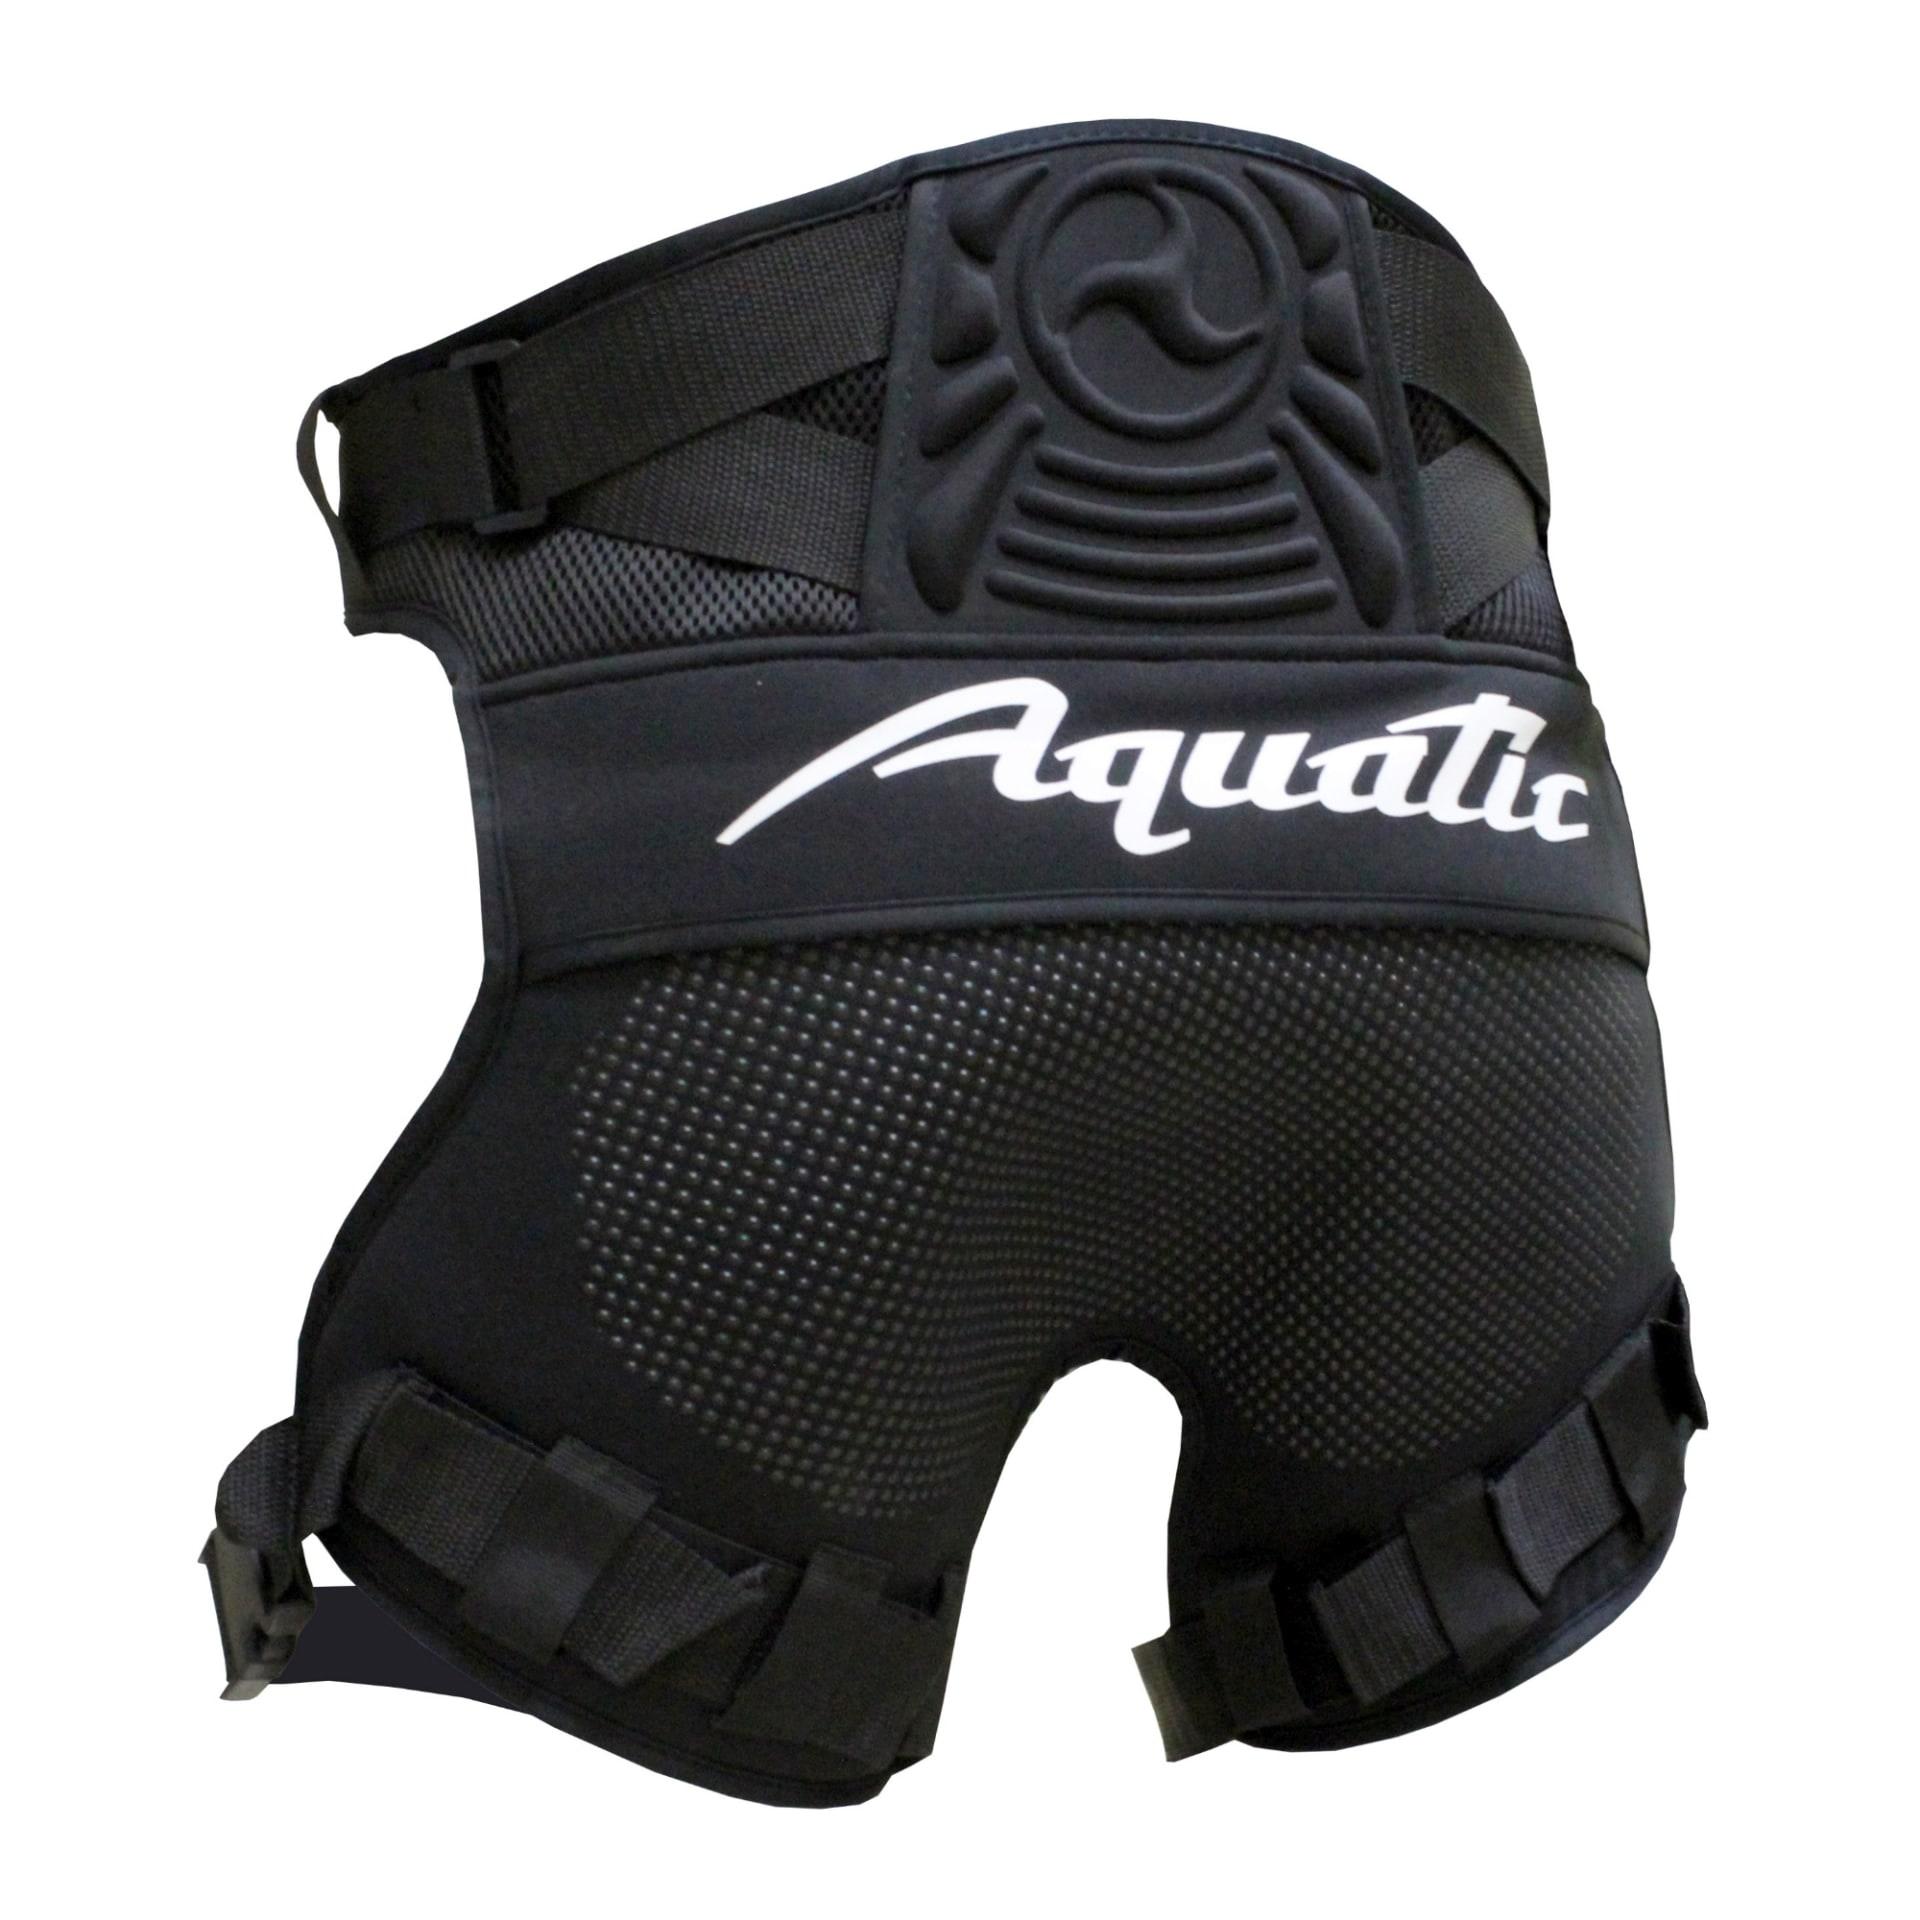 Неопреновая подкладка НП-01 - Одежда Aquatic